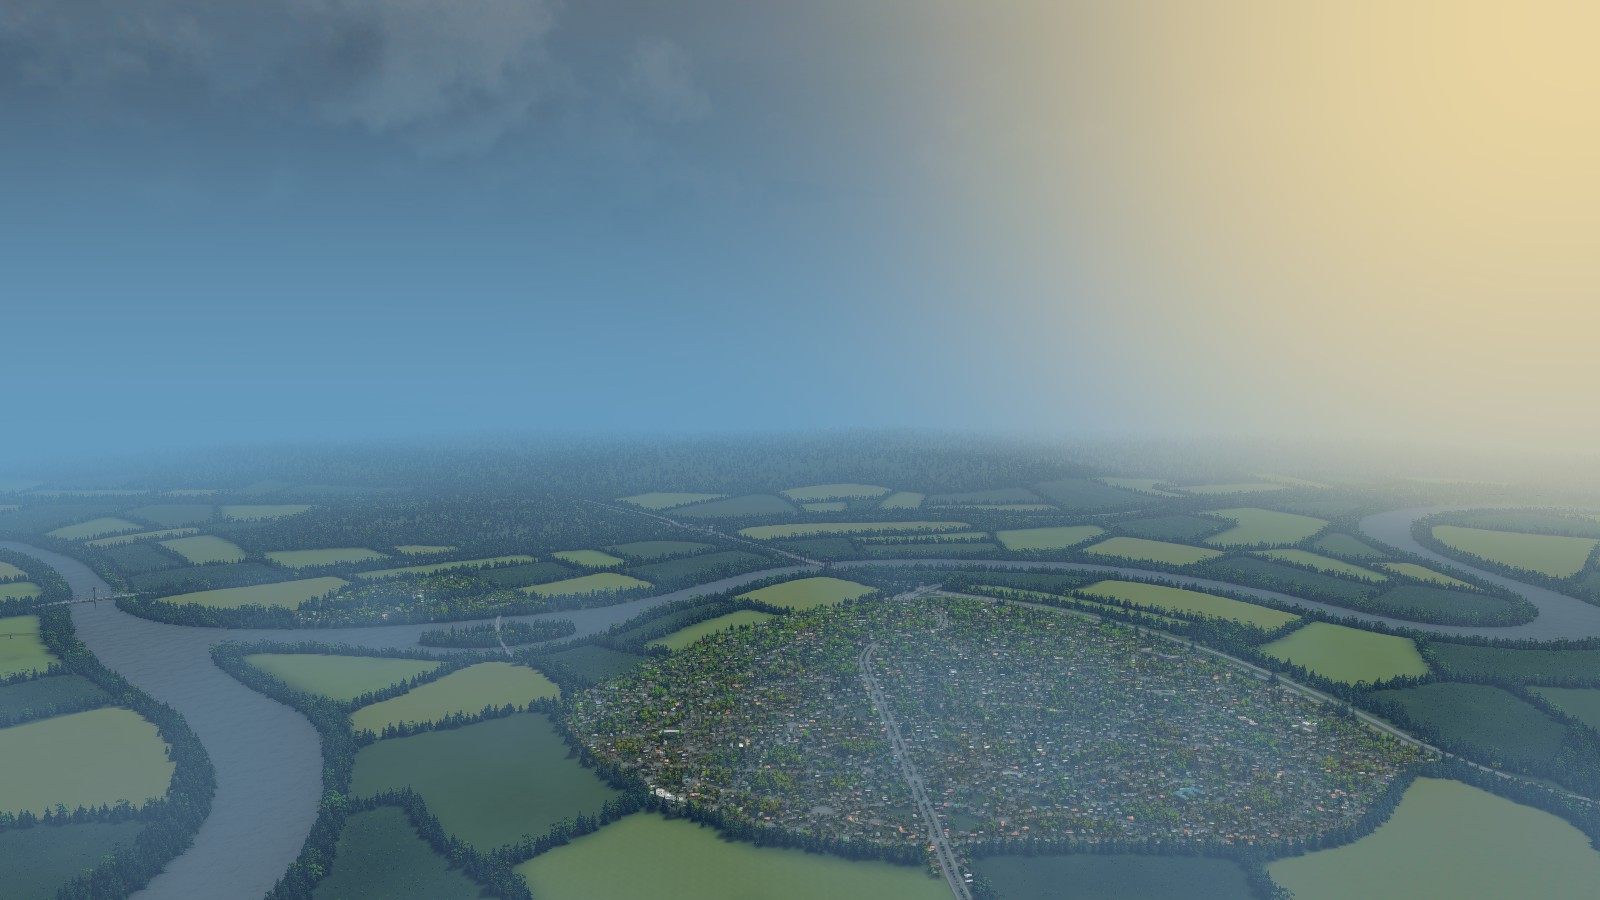 Royaume Norrois - Présentation des villes - Page 2 150524015300407953